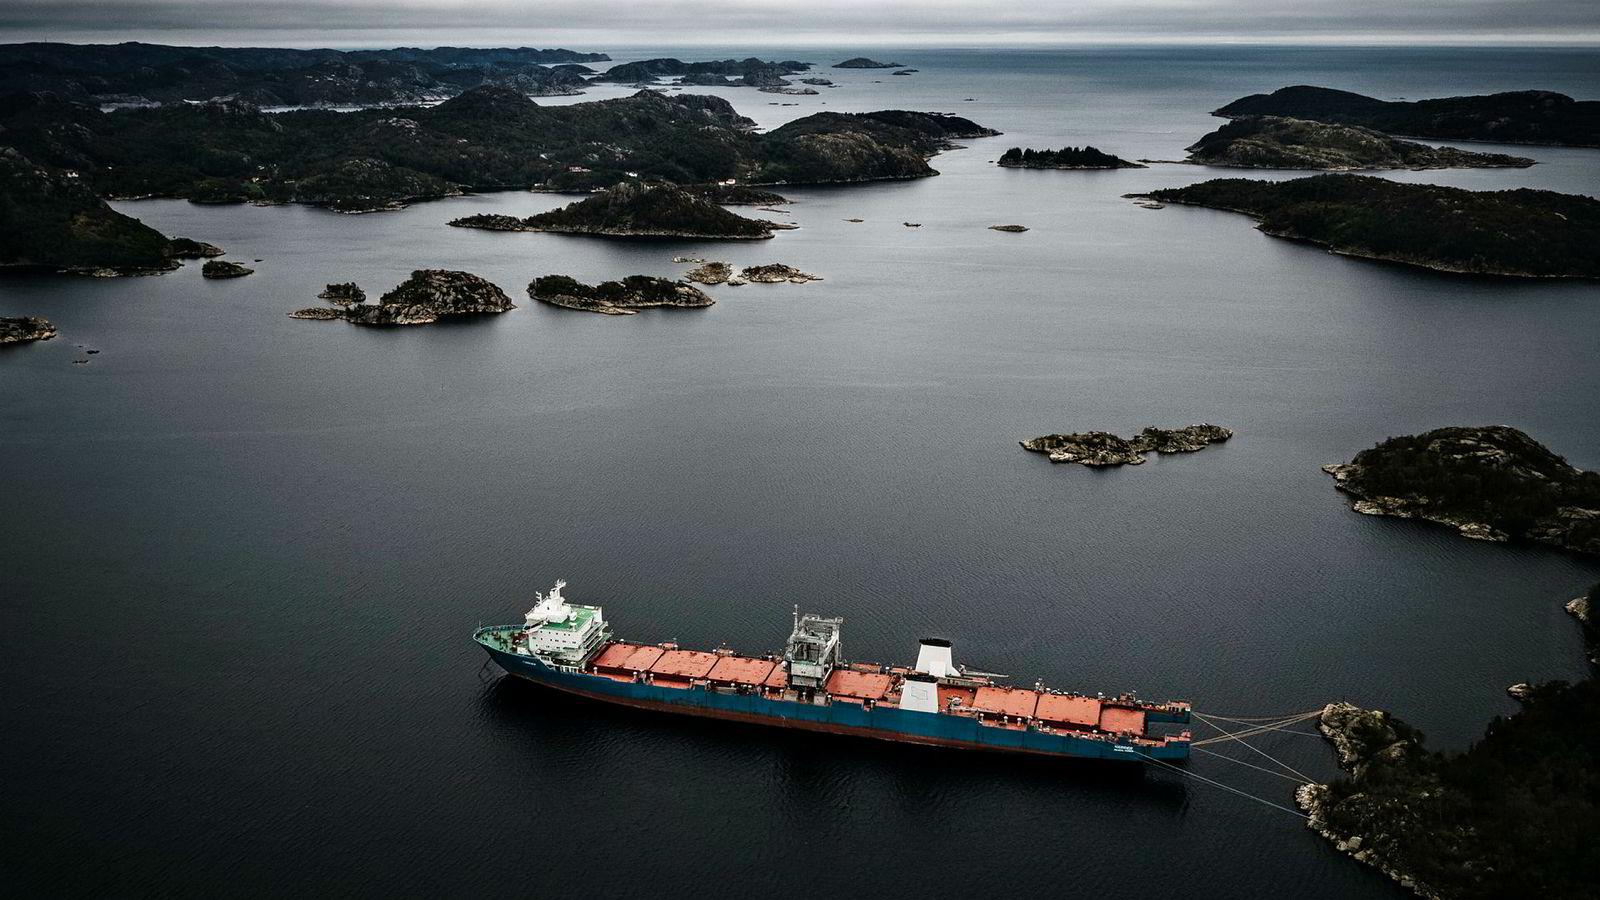 Økokrim har siktet eierne og de tidligere eierne av skipet Harrier, som forlot Norge forrige uke etter mer enn et år i Spindsfjorden. Nå er skipet på vei til lovlig opphugging i Tyrkia, hvis mannskapet følger pålegget til Miljødirektoratet.